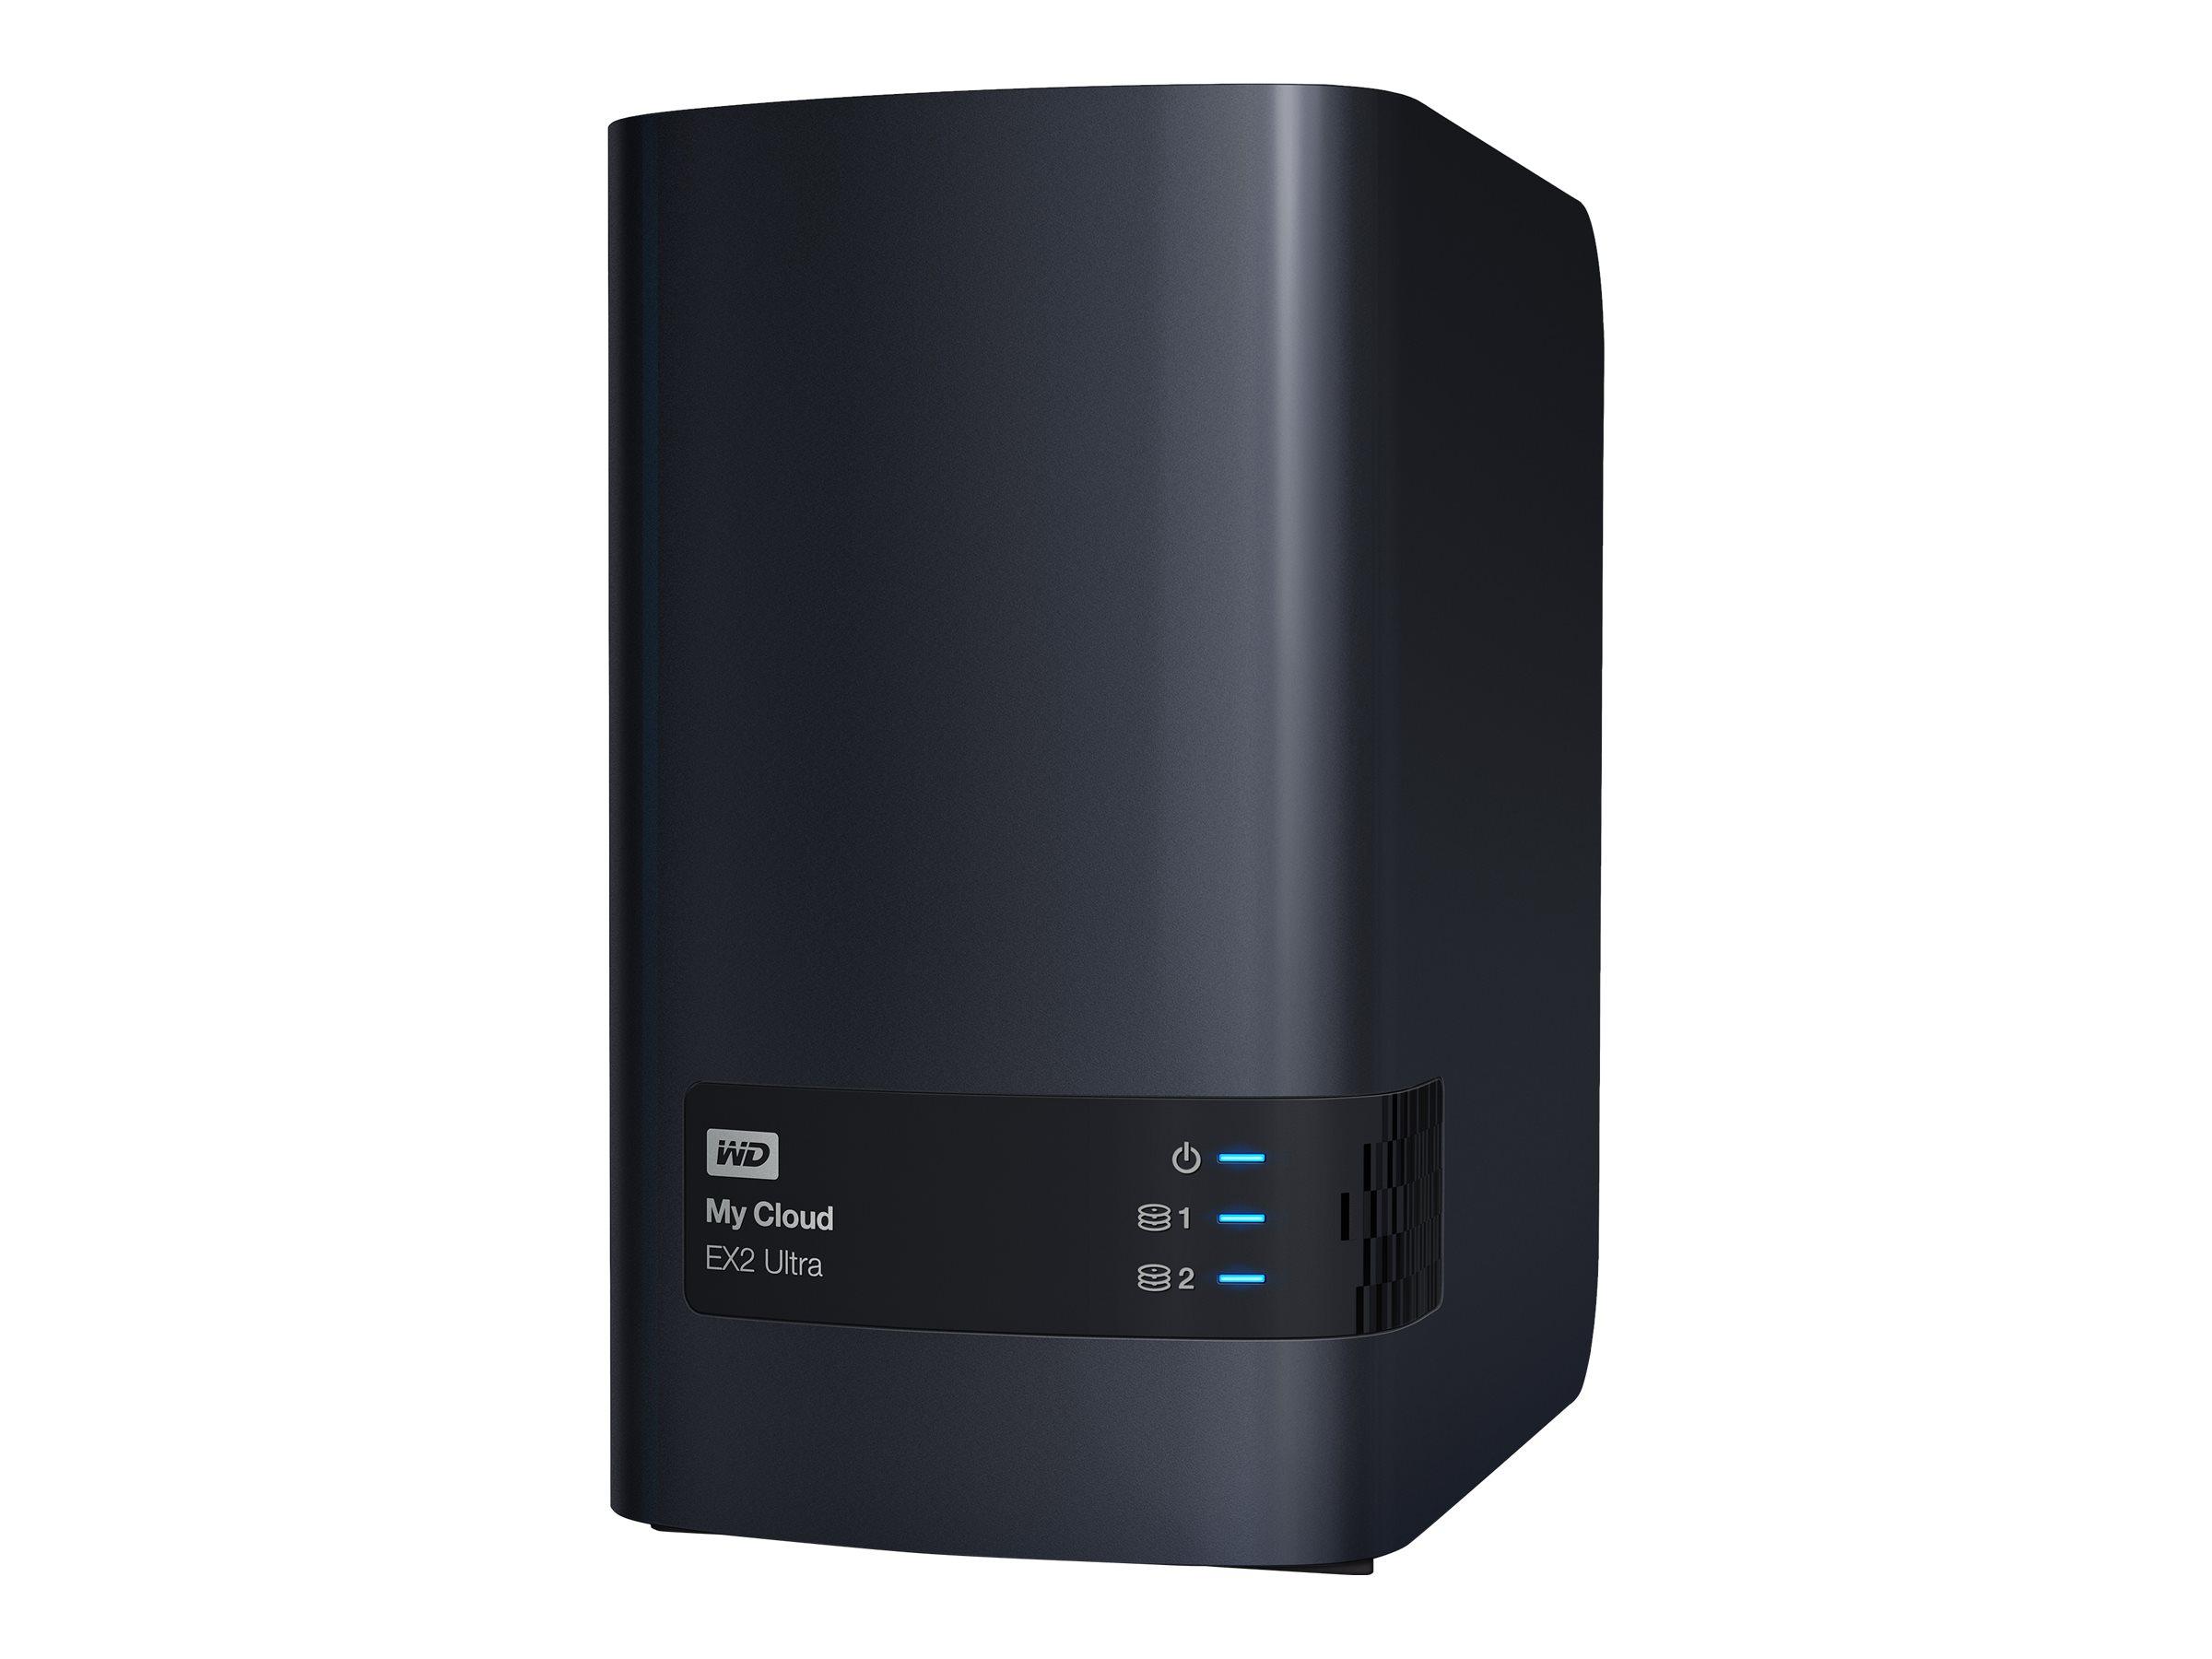 WD My Cloud EX2 Ultra WDBVBZ0000NCH - Gerät für persönlichen Cloudspeicher 2 Schächte - RAID 0 - 1 - JBOD - RAM 1 GB - Gigabit Ethernet - iSCSI